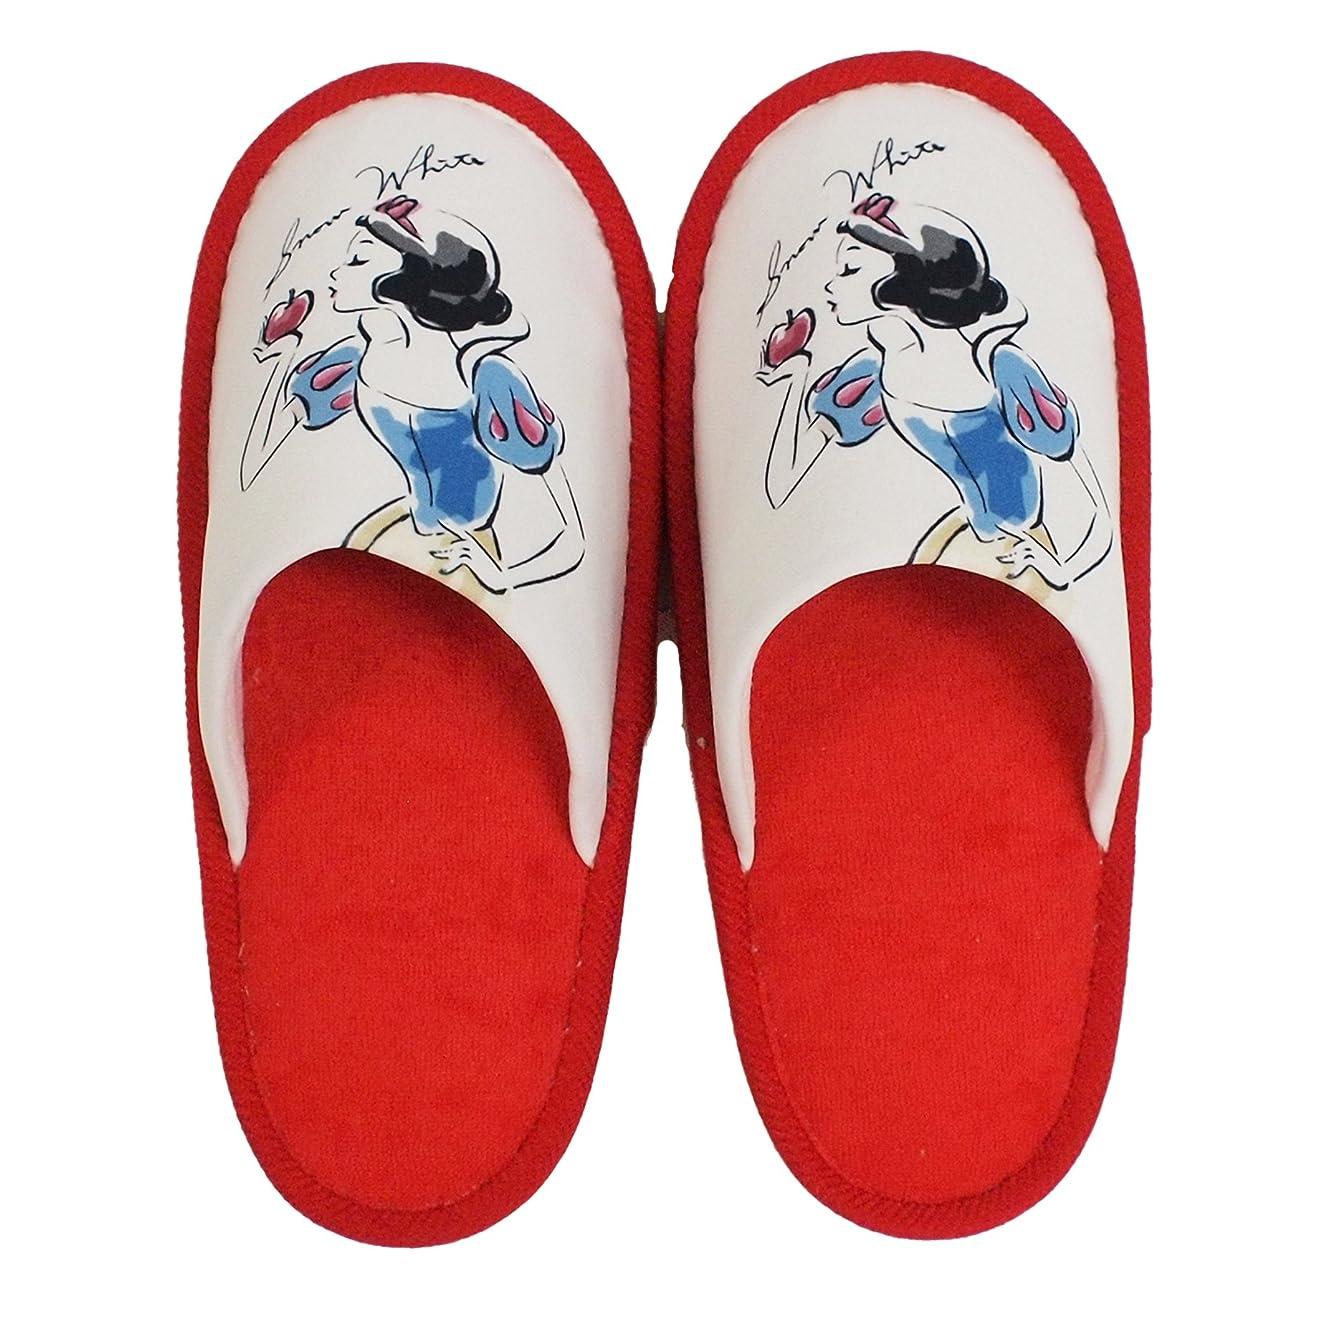 ヒューバートハドソンインフルエンザ出演者Disney(ディズニー) スリッパ 白雪姫 [SB-246] 100210706301-01-01